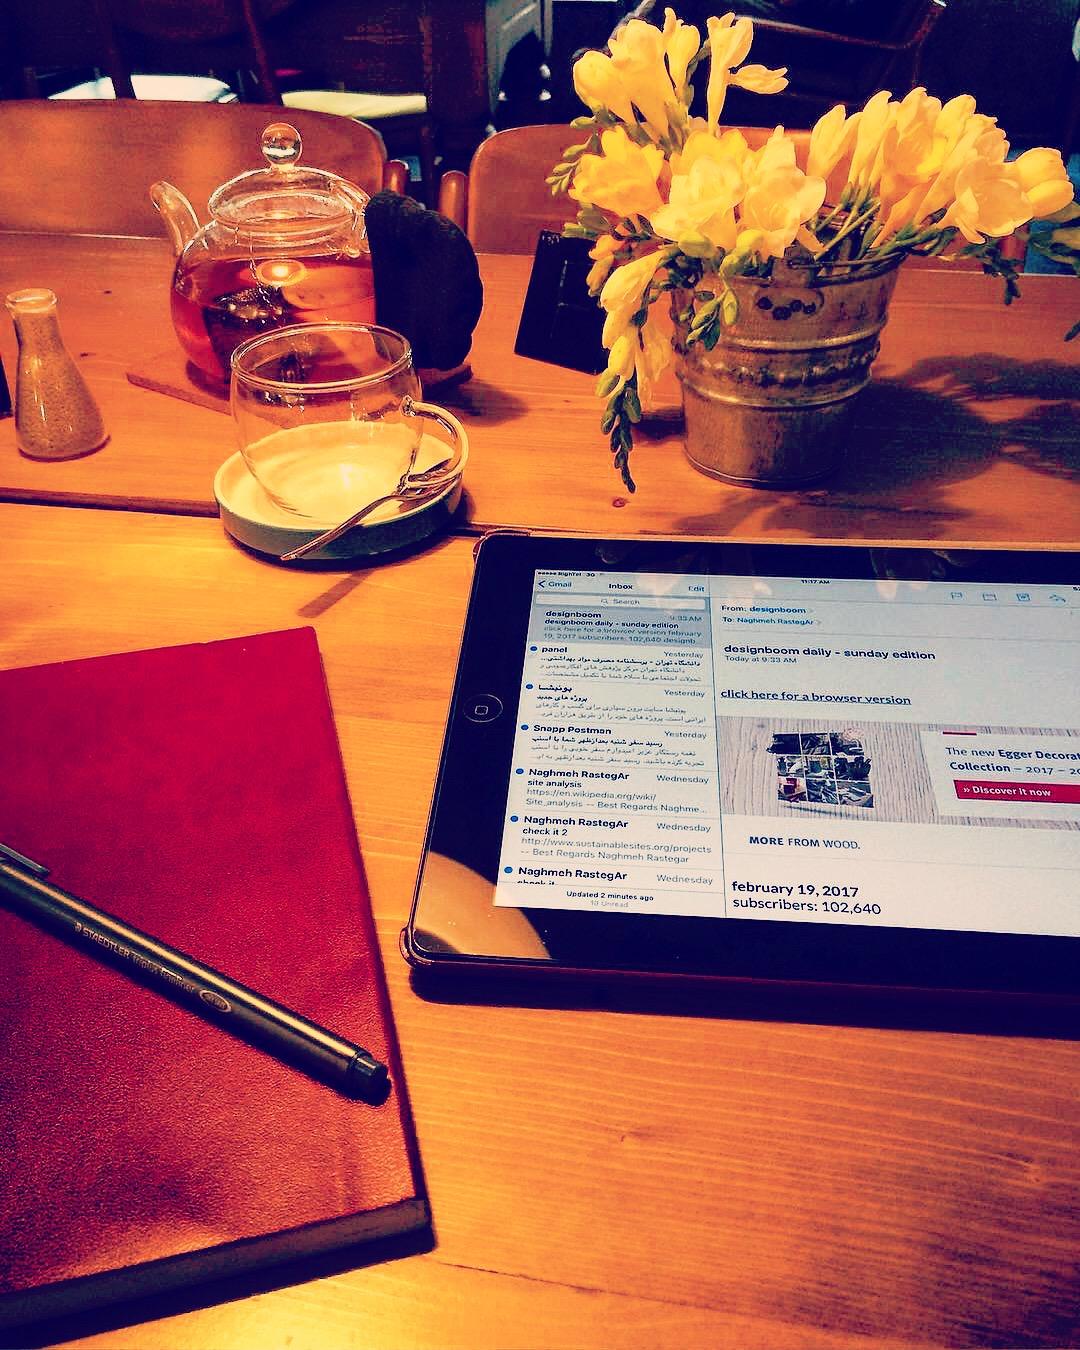 روز ۲۹ : روزانه نویسی یا ژورنالینگ